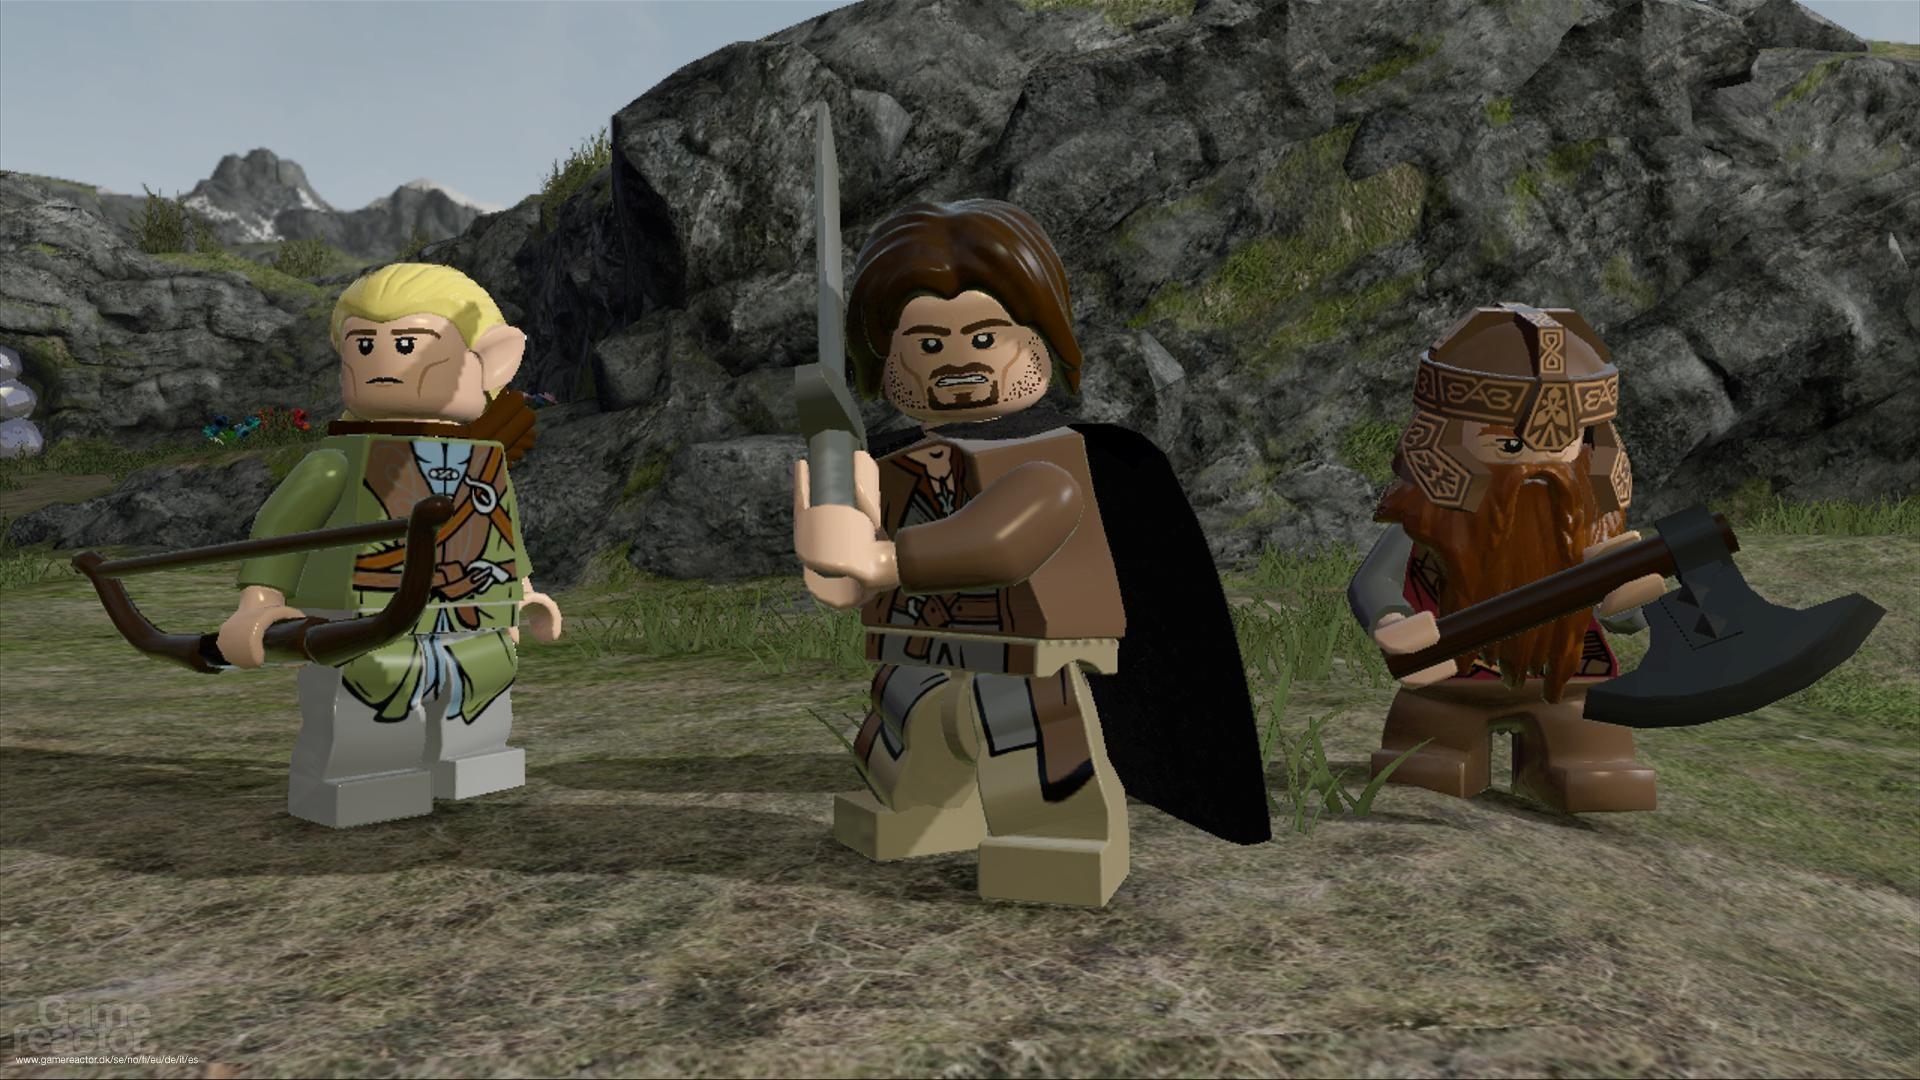 LEGO Signore degli Anelli Tech Princess